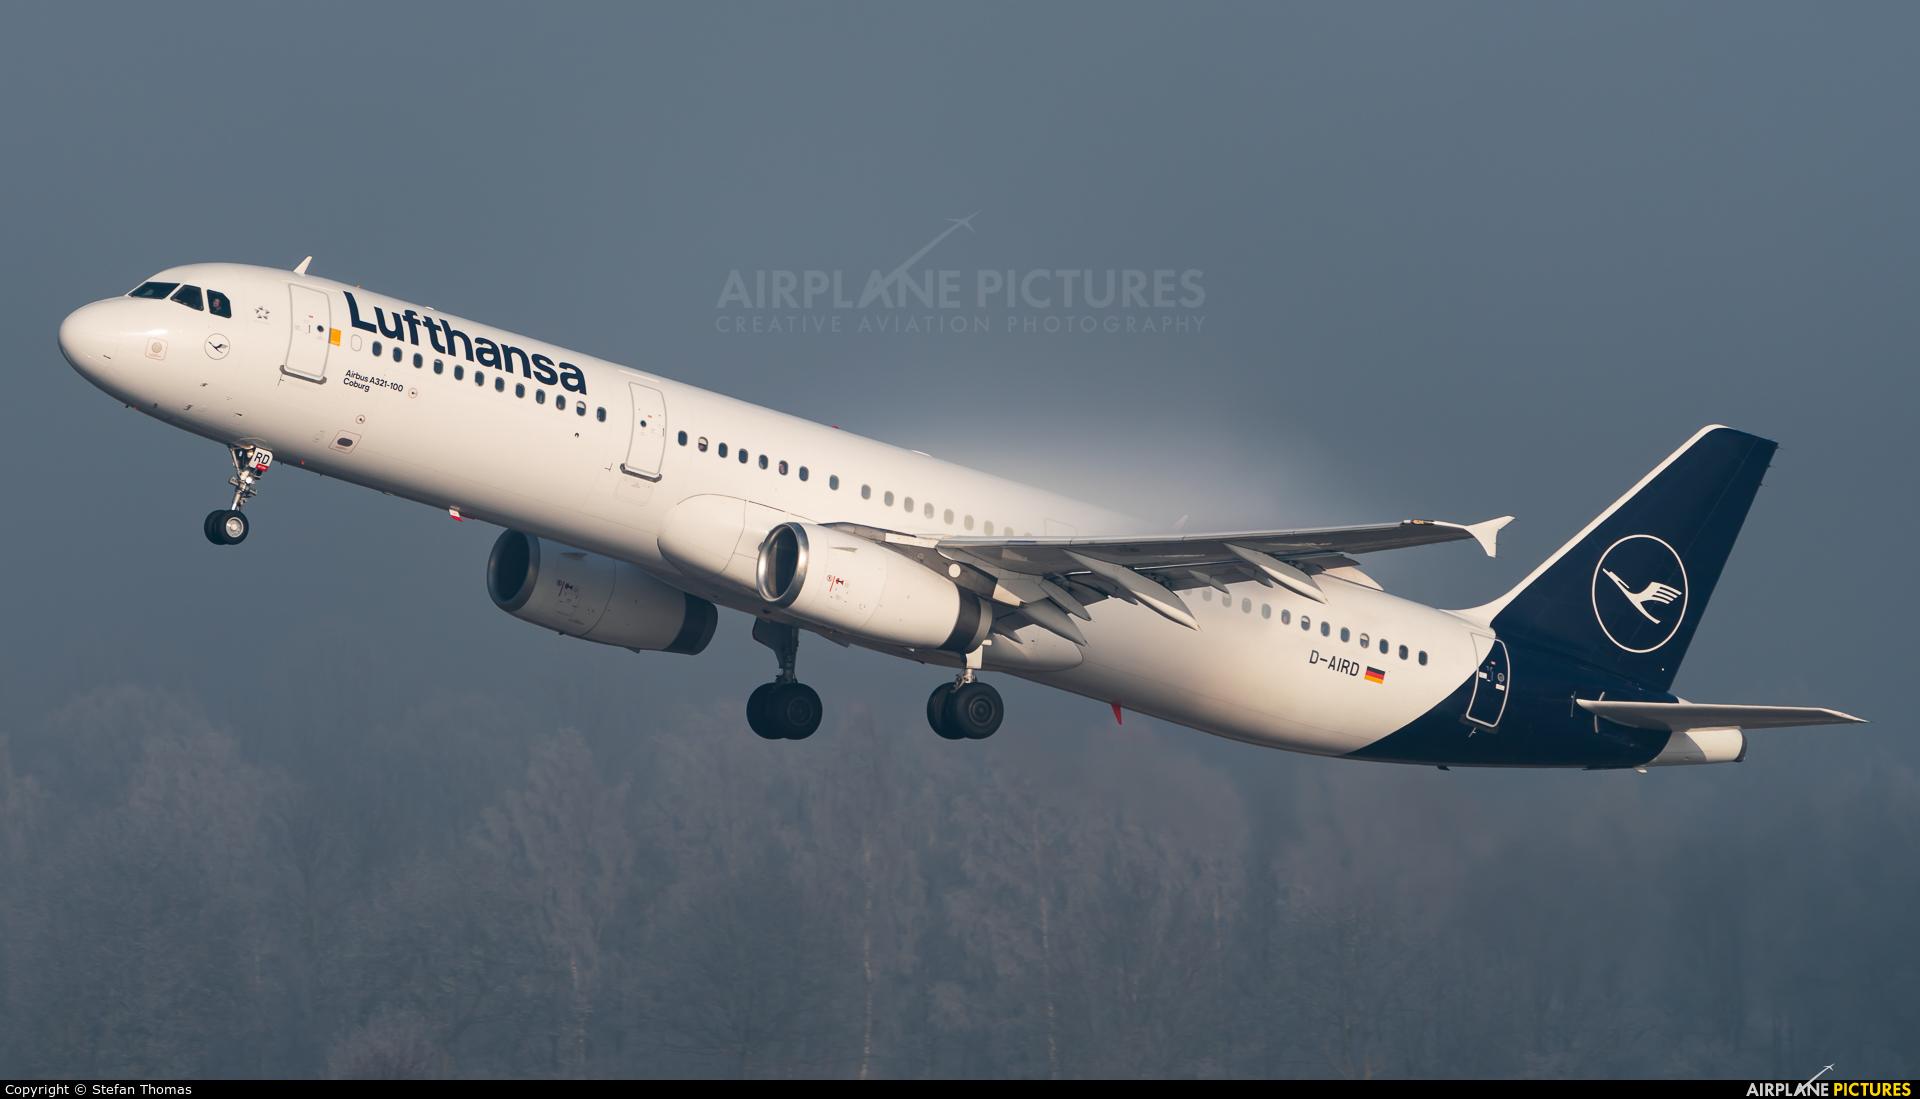 Lufthansa D-AIRD aircraft at Munich